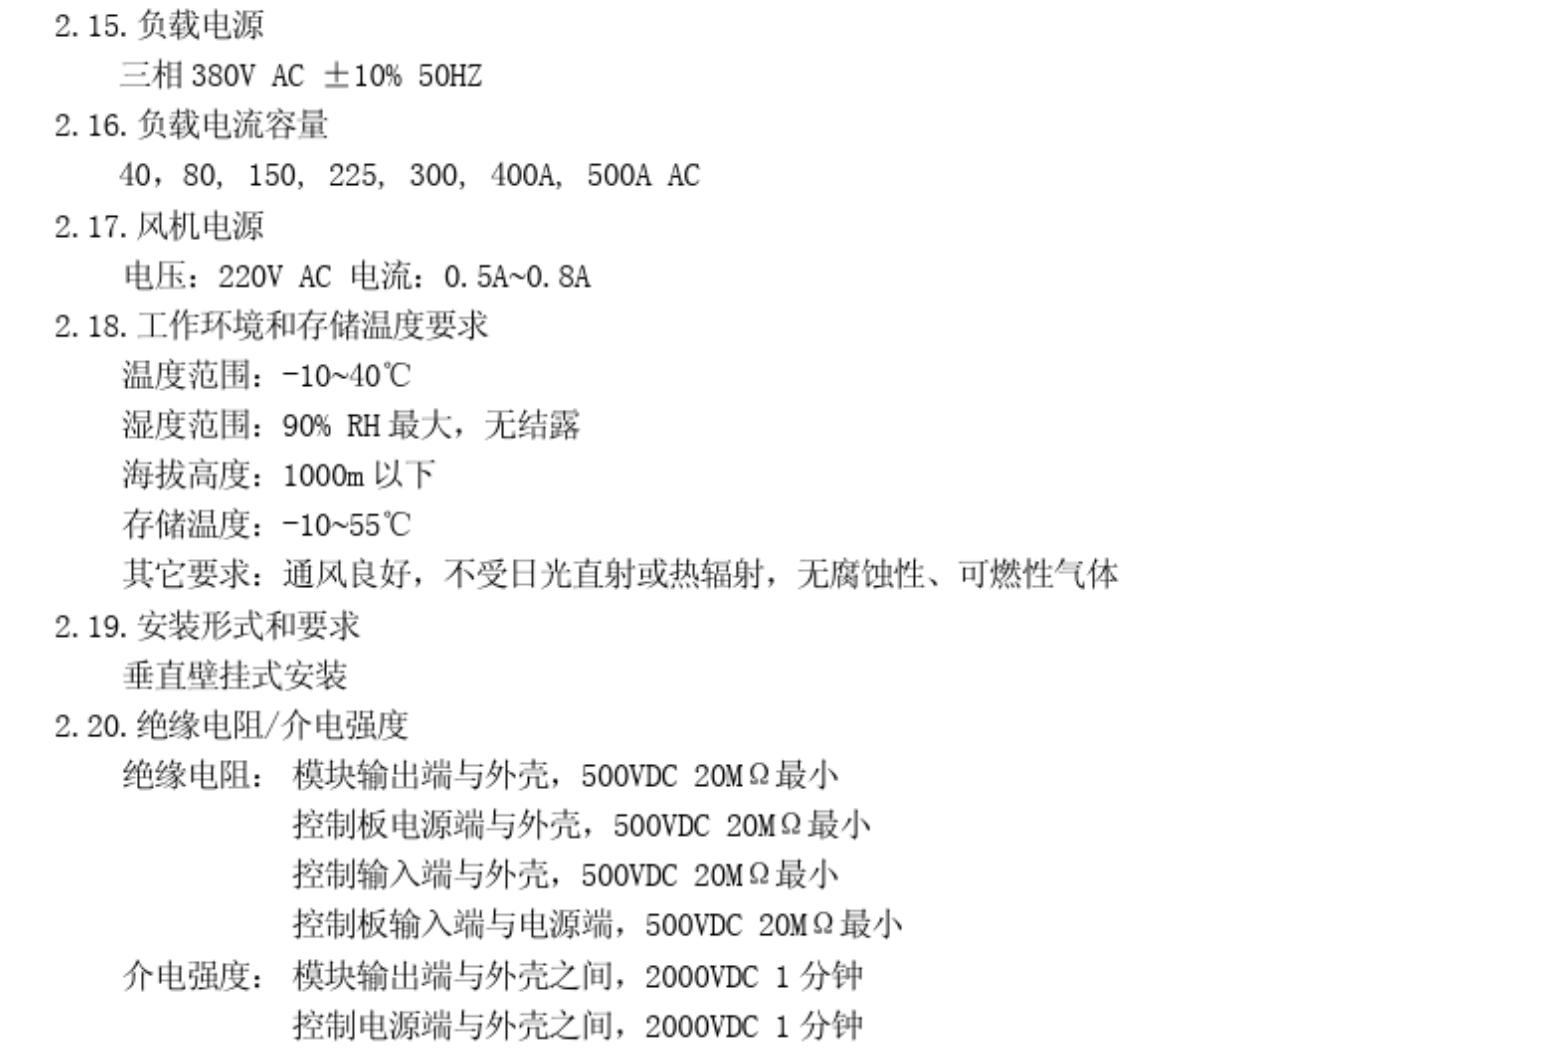 Thryster Regulator 150A data sheet